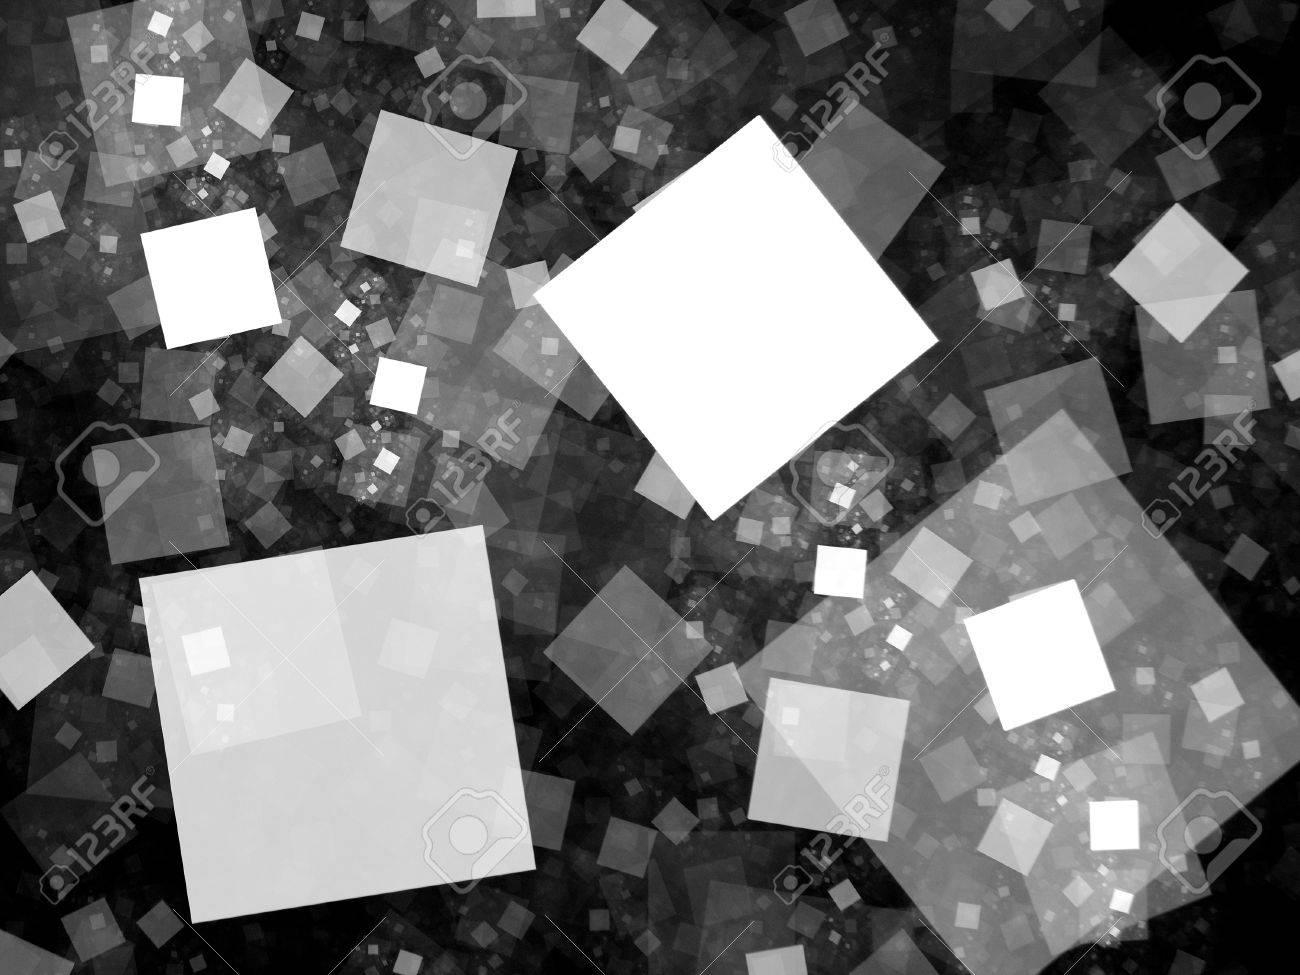 Volare piastrelle nello spazio frattale teoria delle reti generato